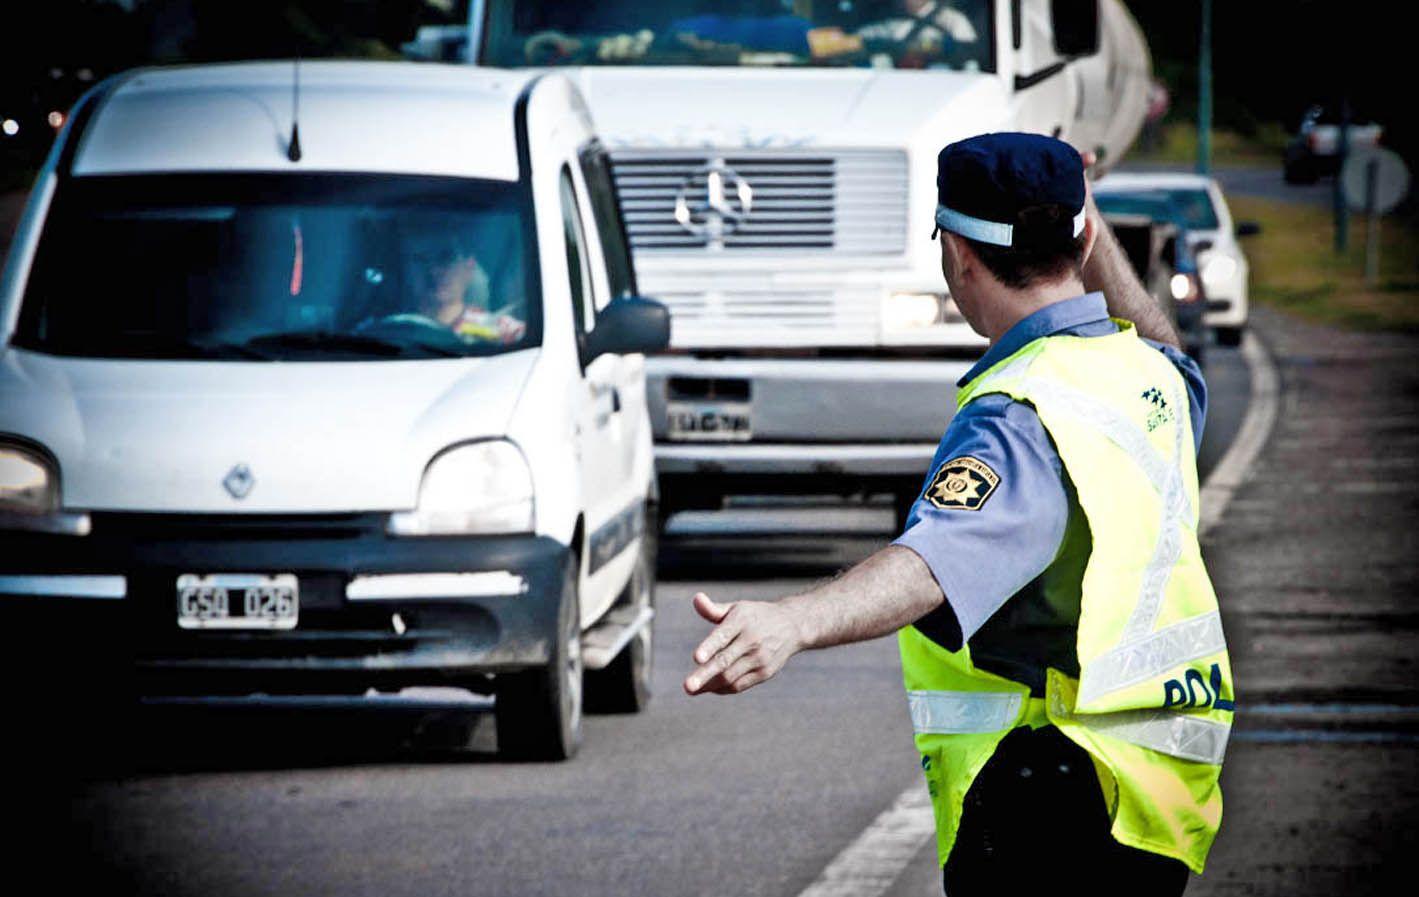 Operativos. La Agencia de Seguridad Vial expande su accionar a través de los acuerdos con municipios y comunas.